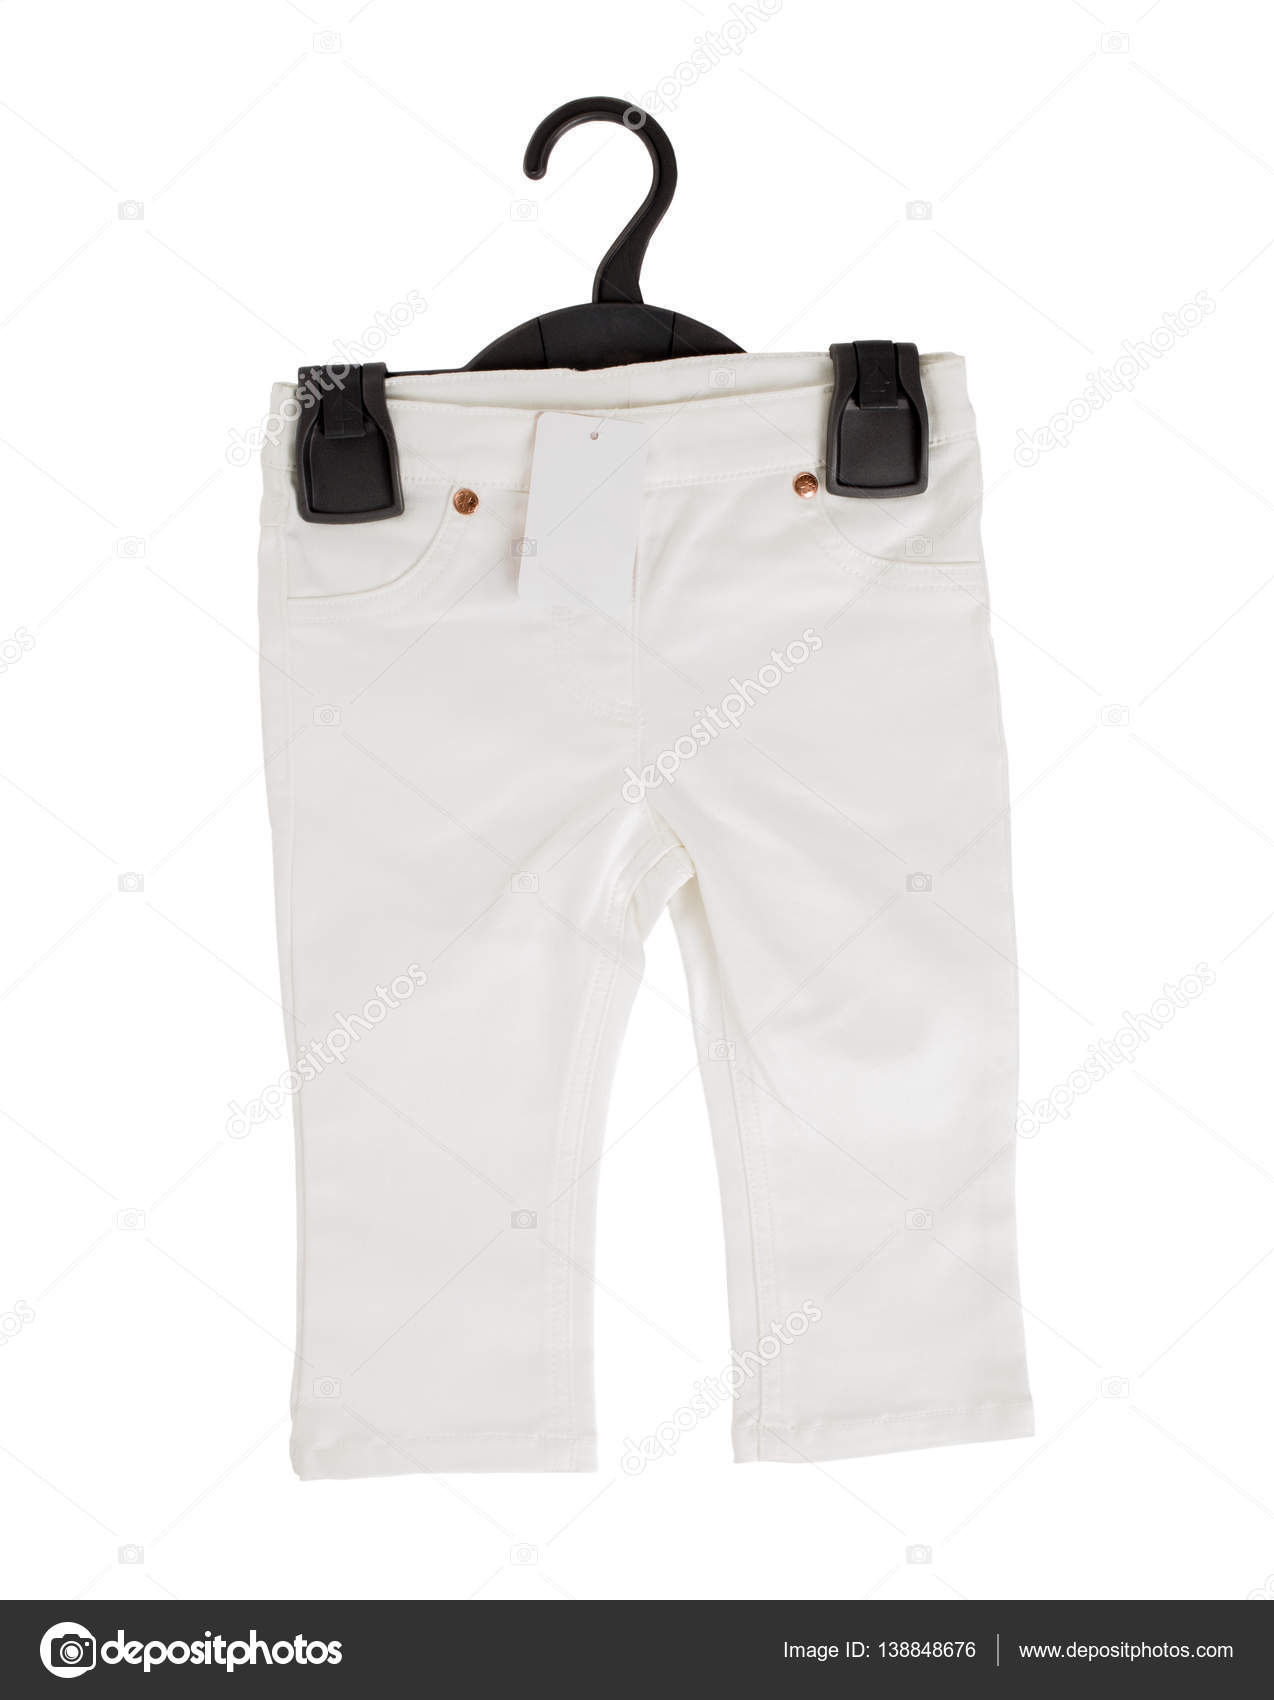 Weiße Jeans-Shorts auf schwarzem Kunststoff Kleiderbügel — Stockfoto ...